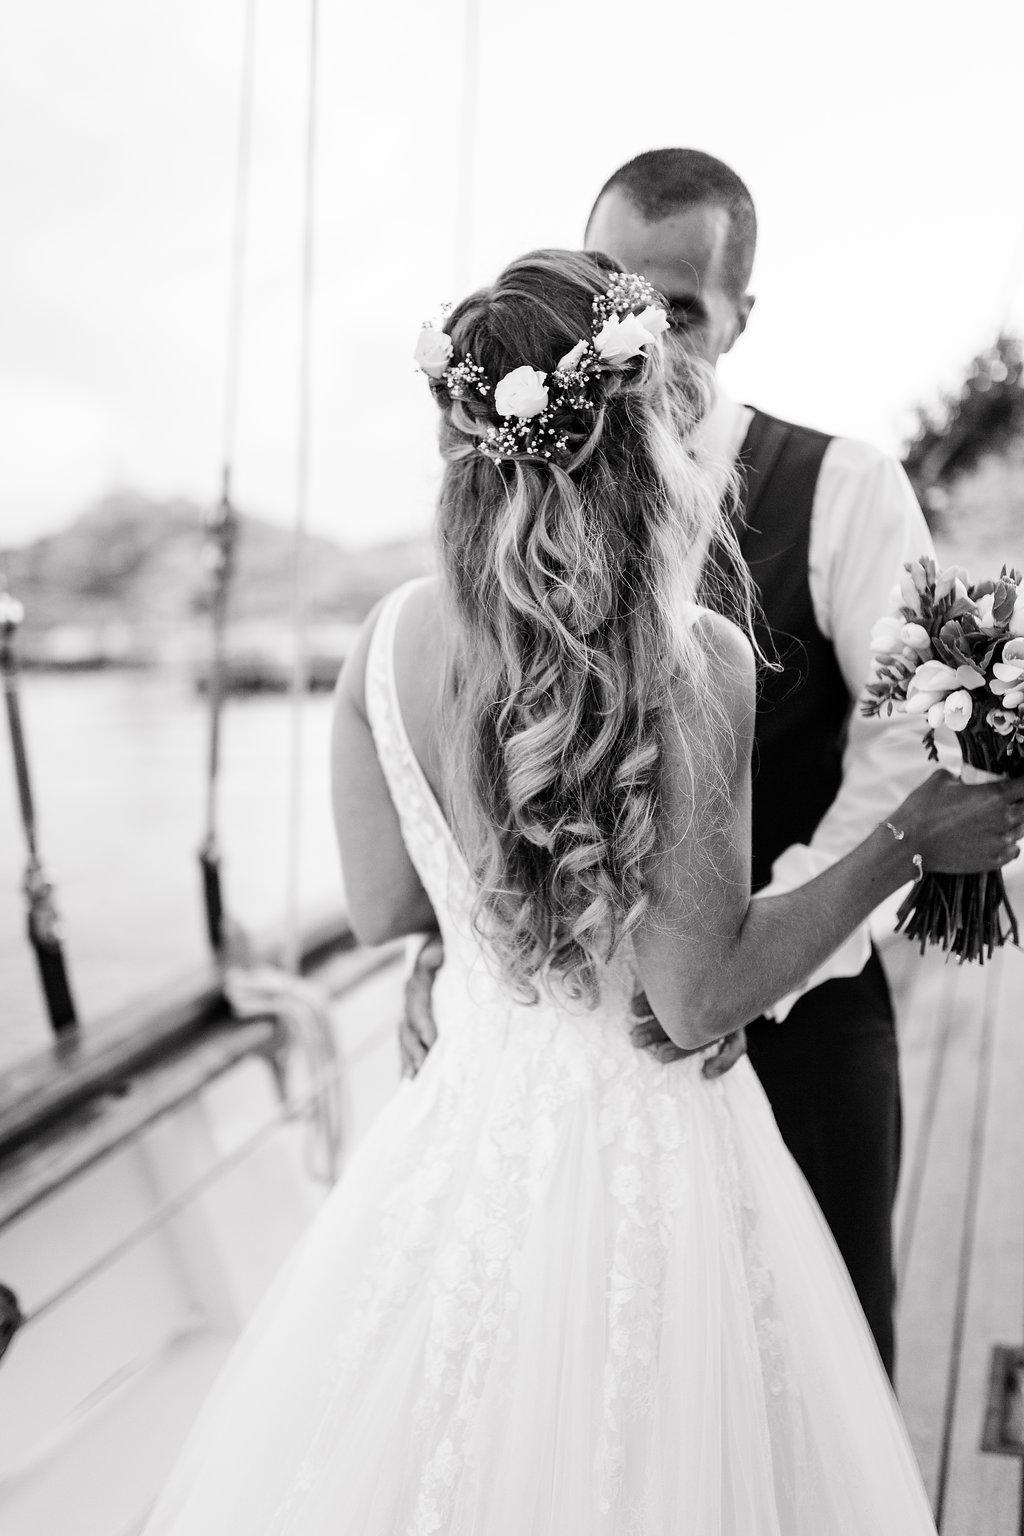 le coeur dans les etoiles - wedding planner - provence - sardaigne - shooting inspiration - mariage voilier - audrey carnoy - photo couple 5